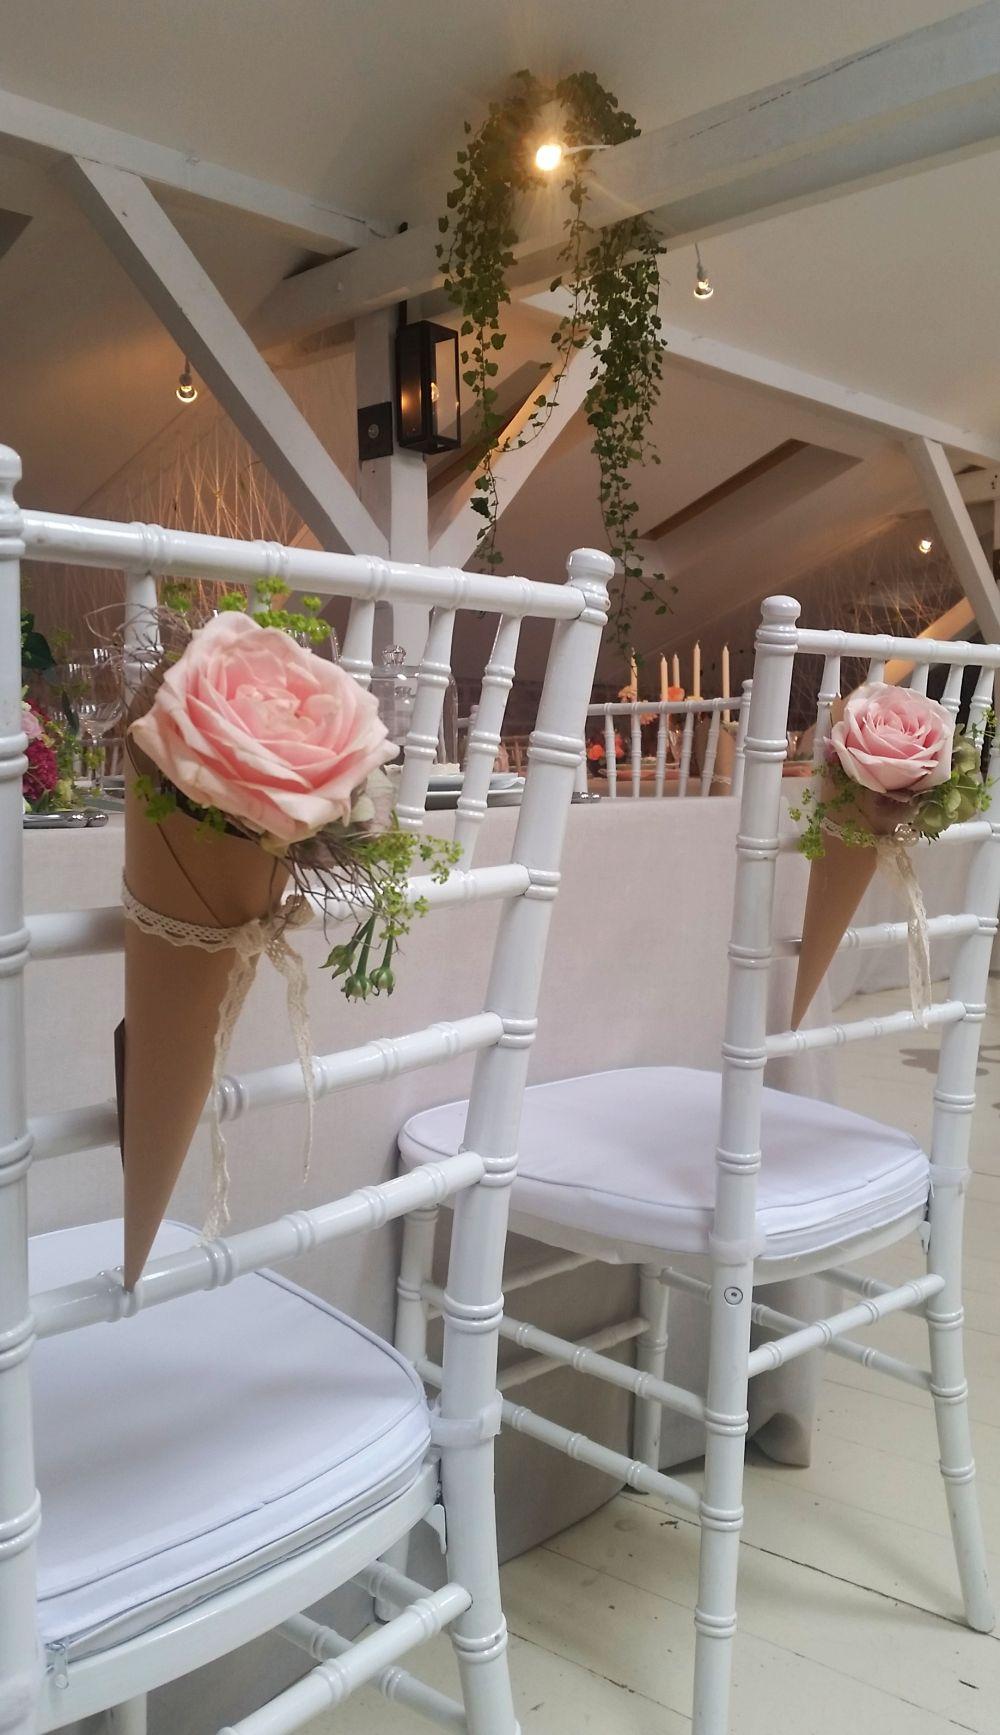 adelaparvu-com-despre-the-wedding-gallery-2016-floraria-iris-design-nicu-bocancea-16